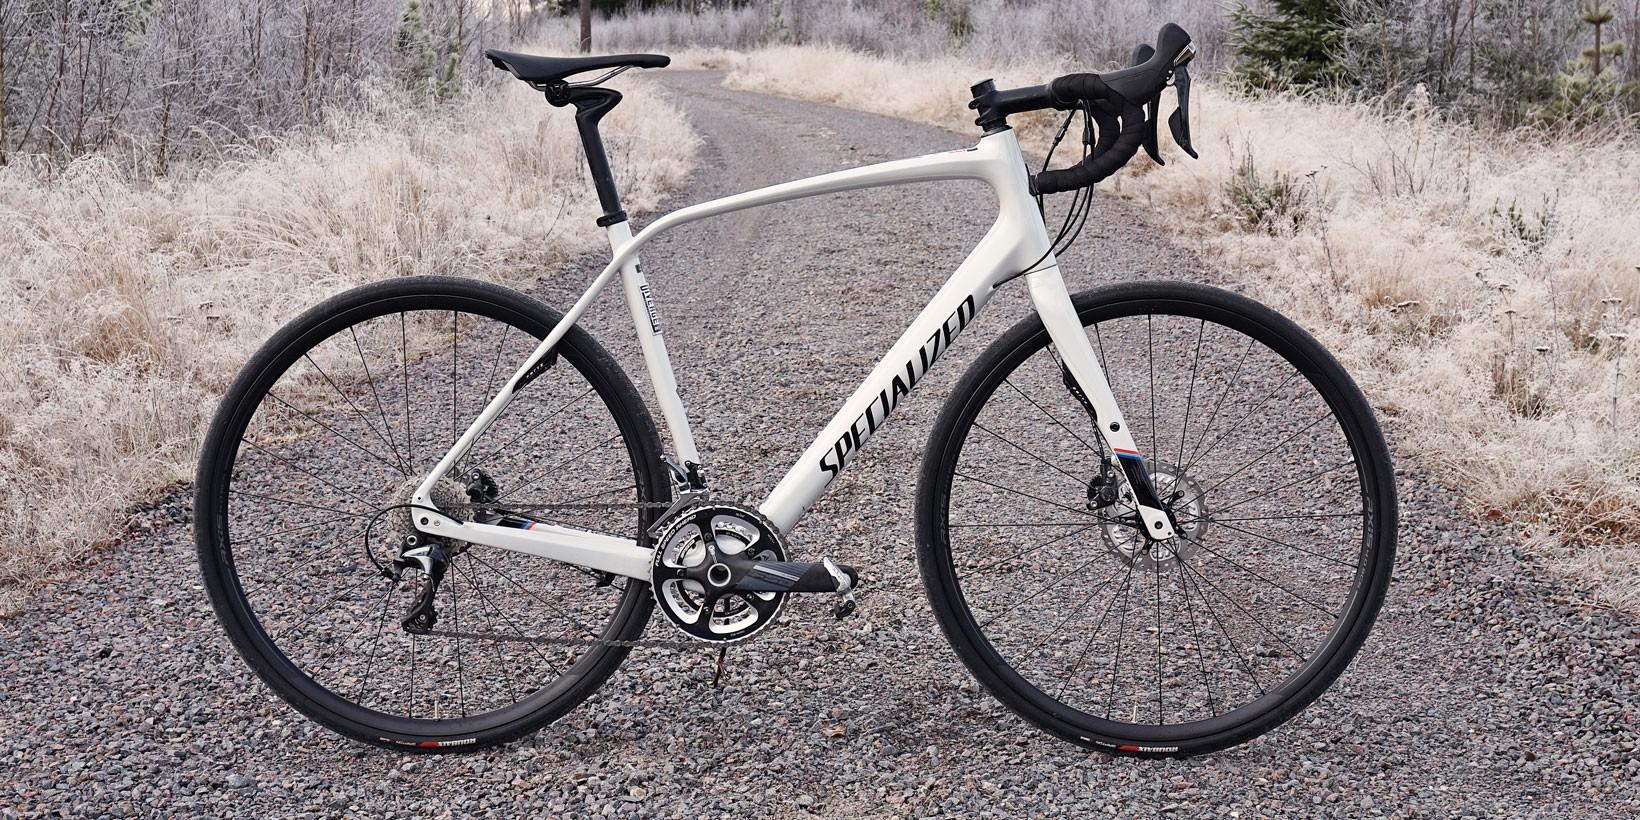 En cykel som vi gärna gasar ordentlig med, och som har en väldigt rolig och livfull styrning.